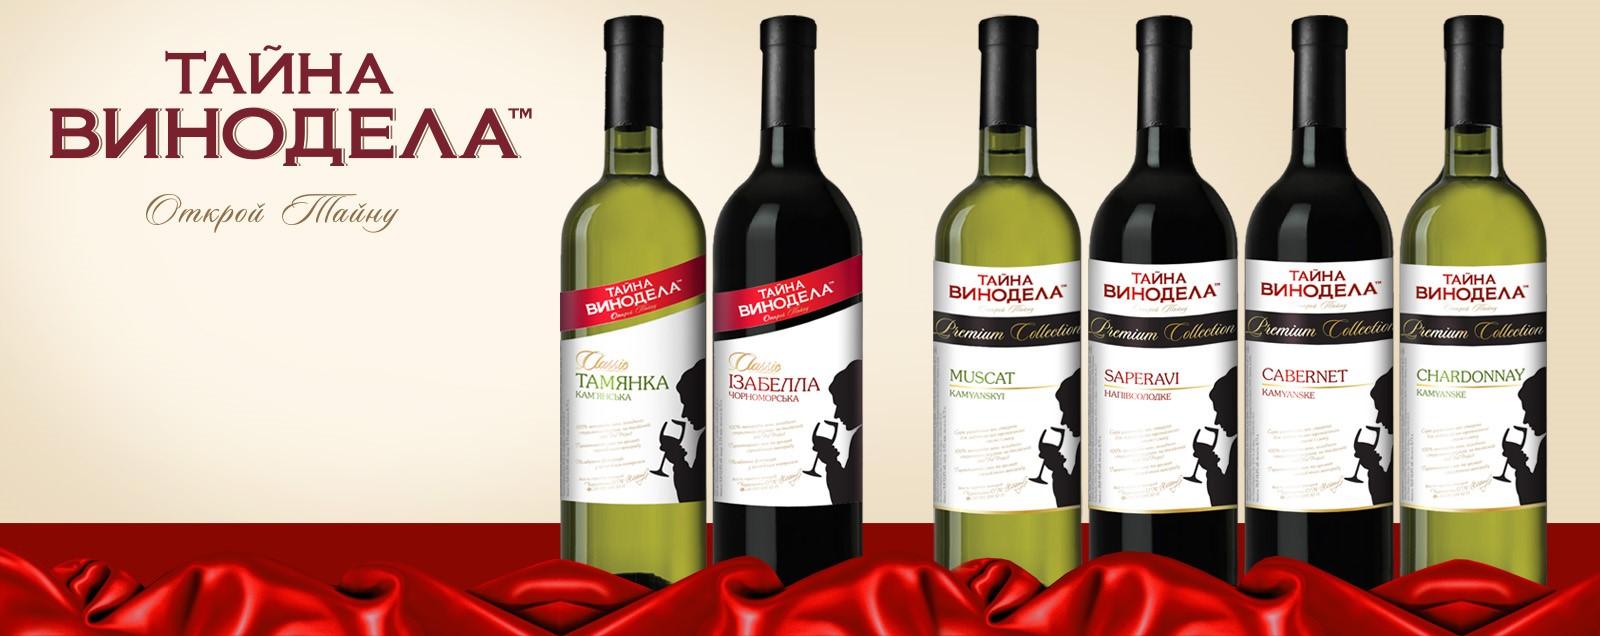 Фото: Украинское вино «Тайна Винодела».